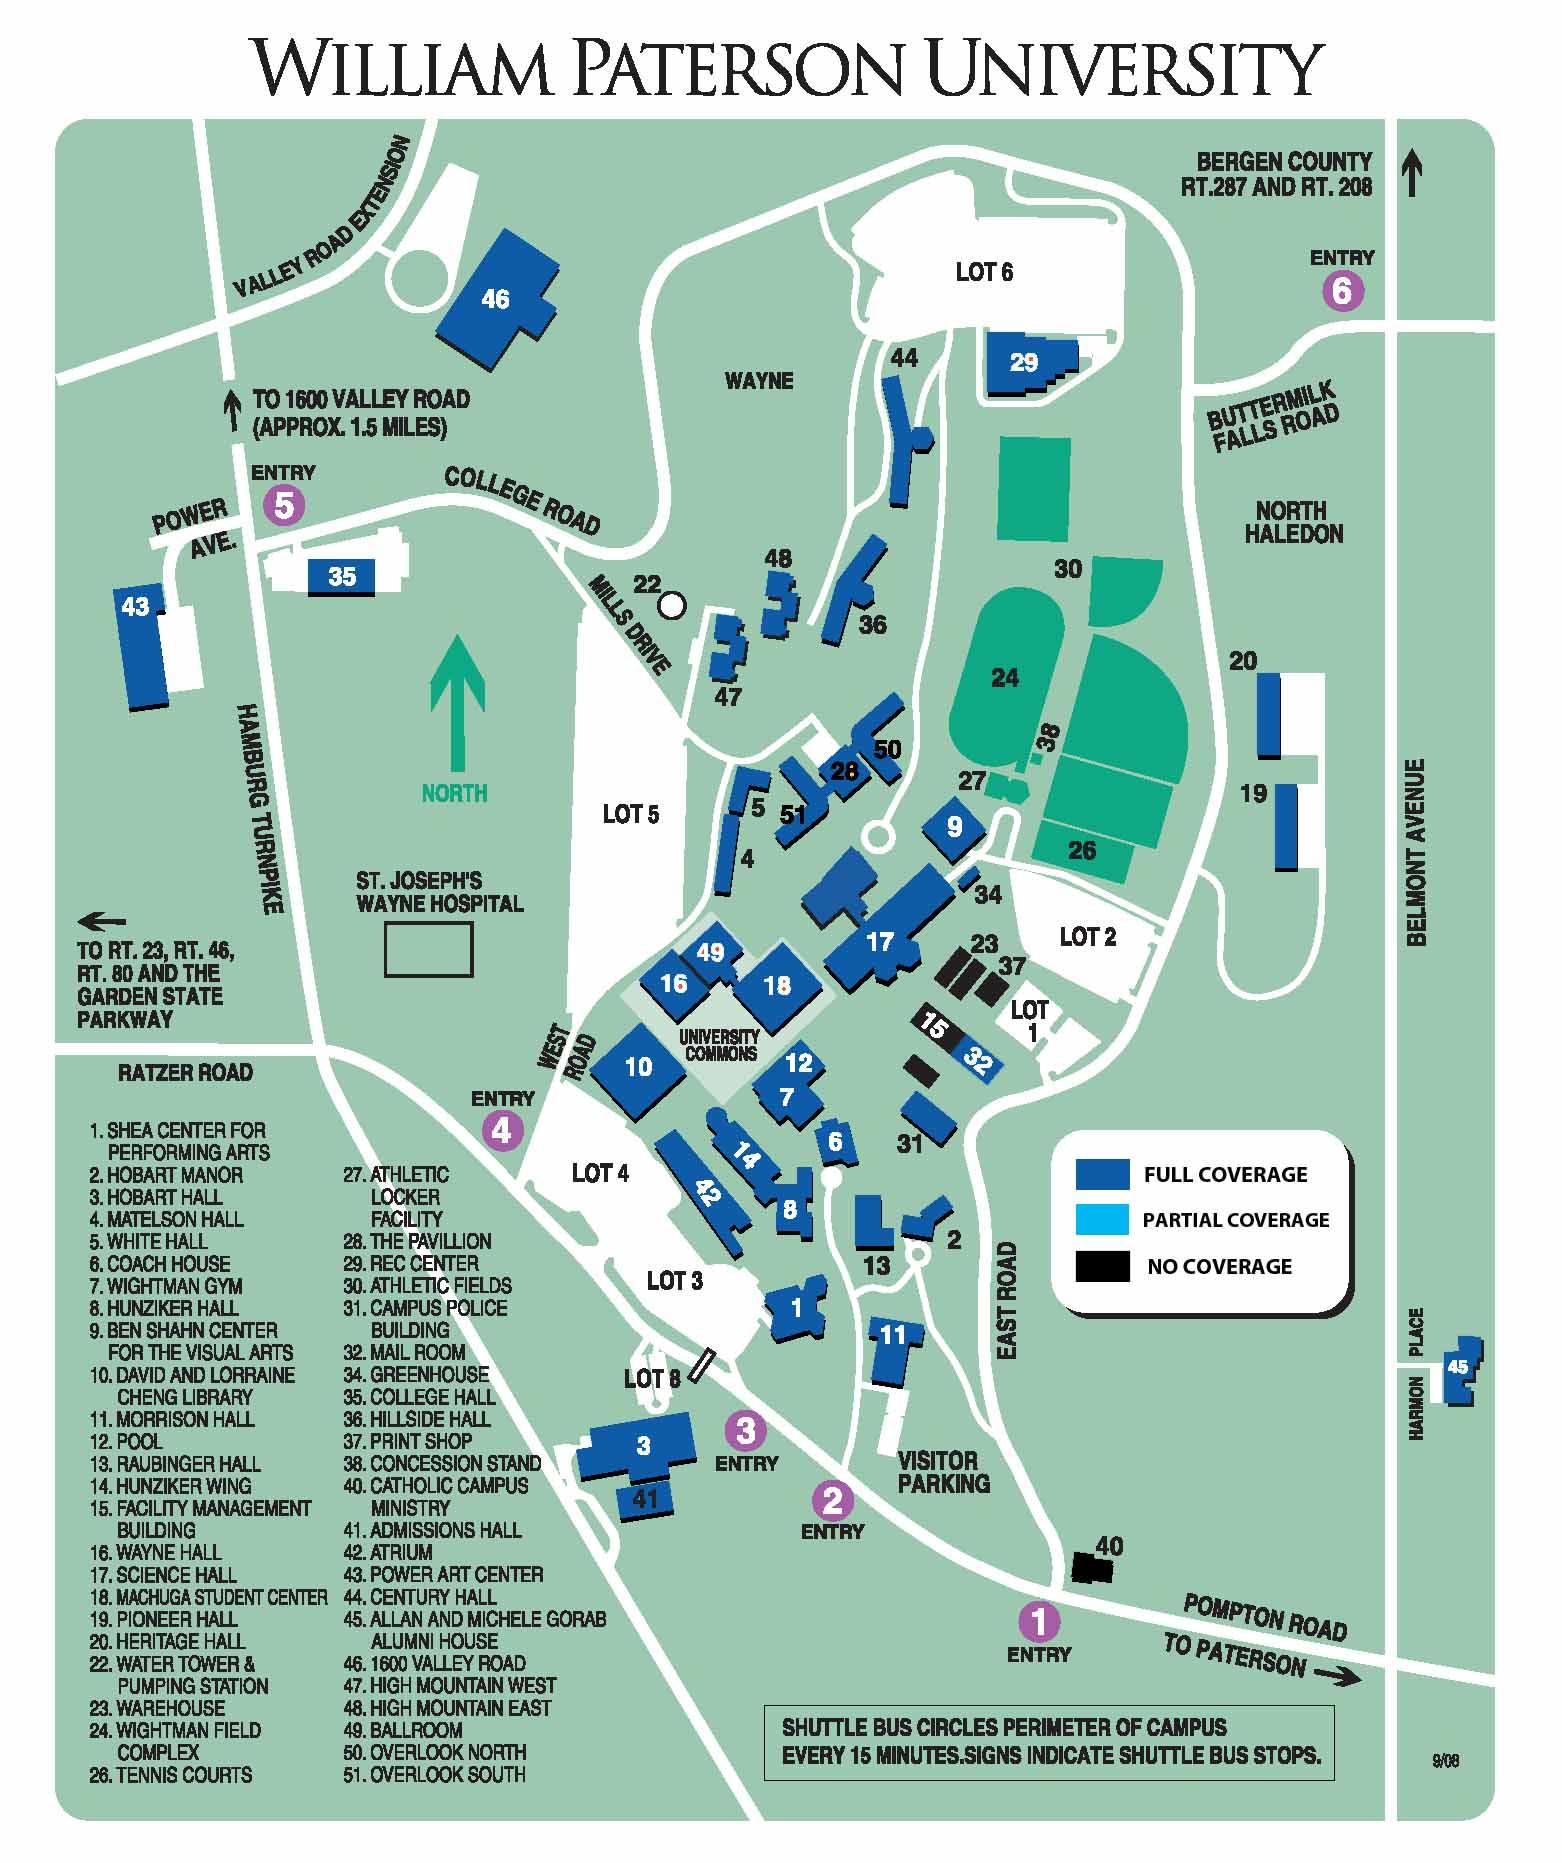 william paterson university campus map Coverage Areas William Paterson University william paterson university campus map